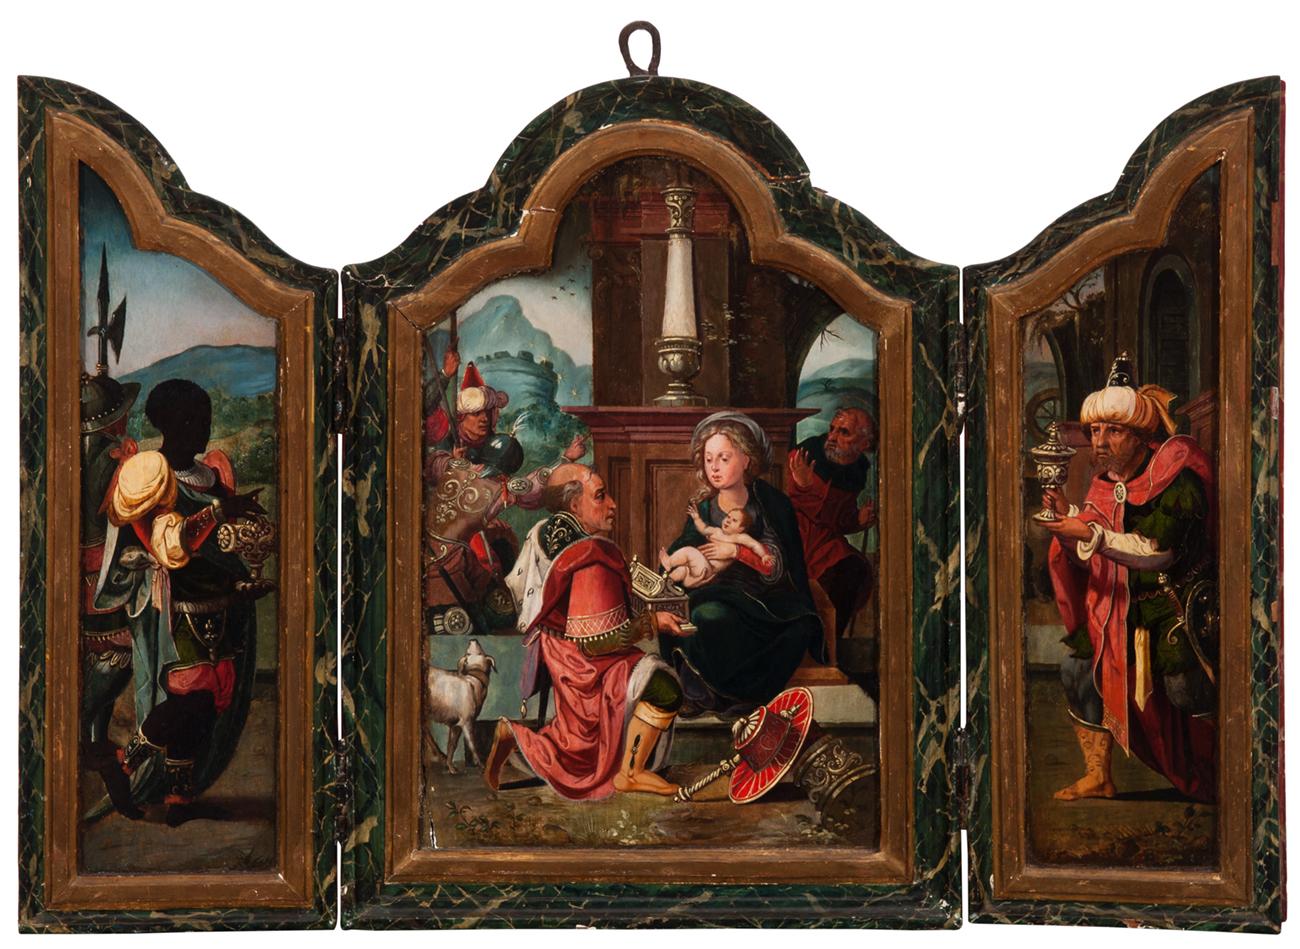 Escuela flamenca s.XVI – Adoración de los reyes magos